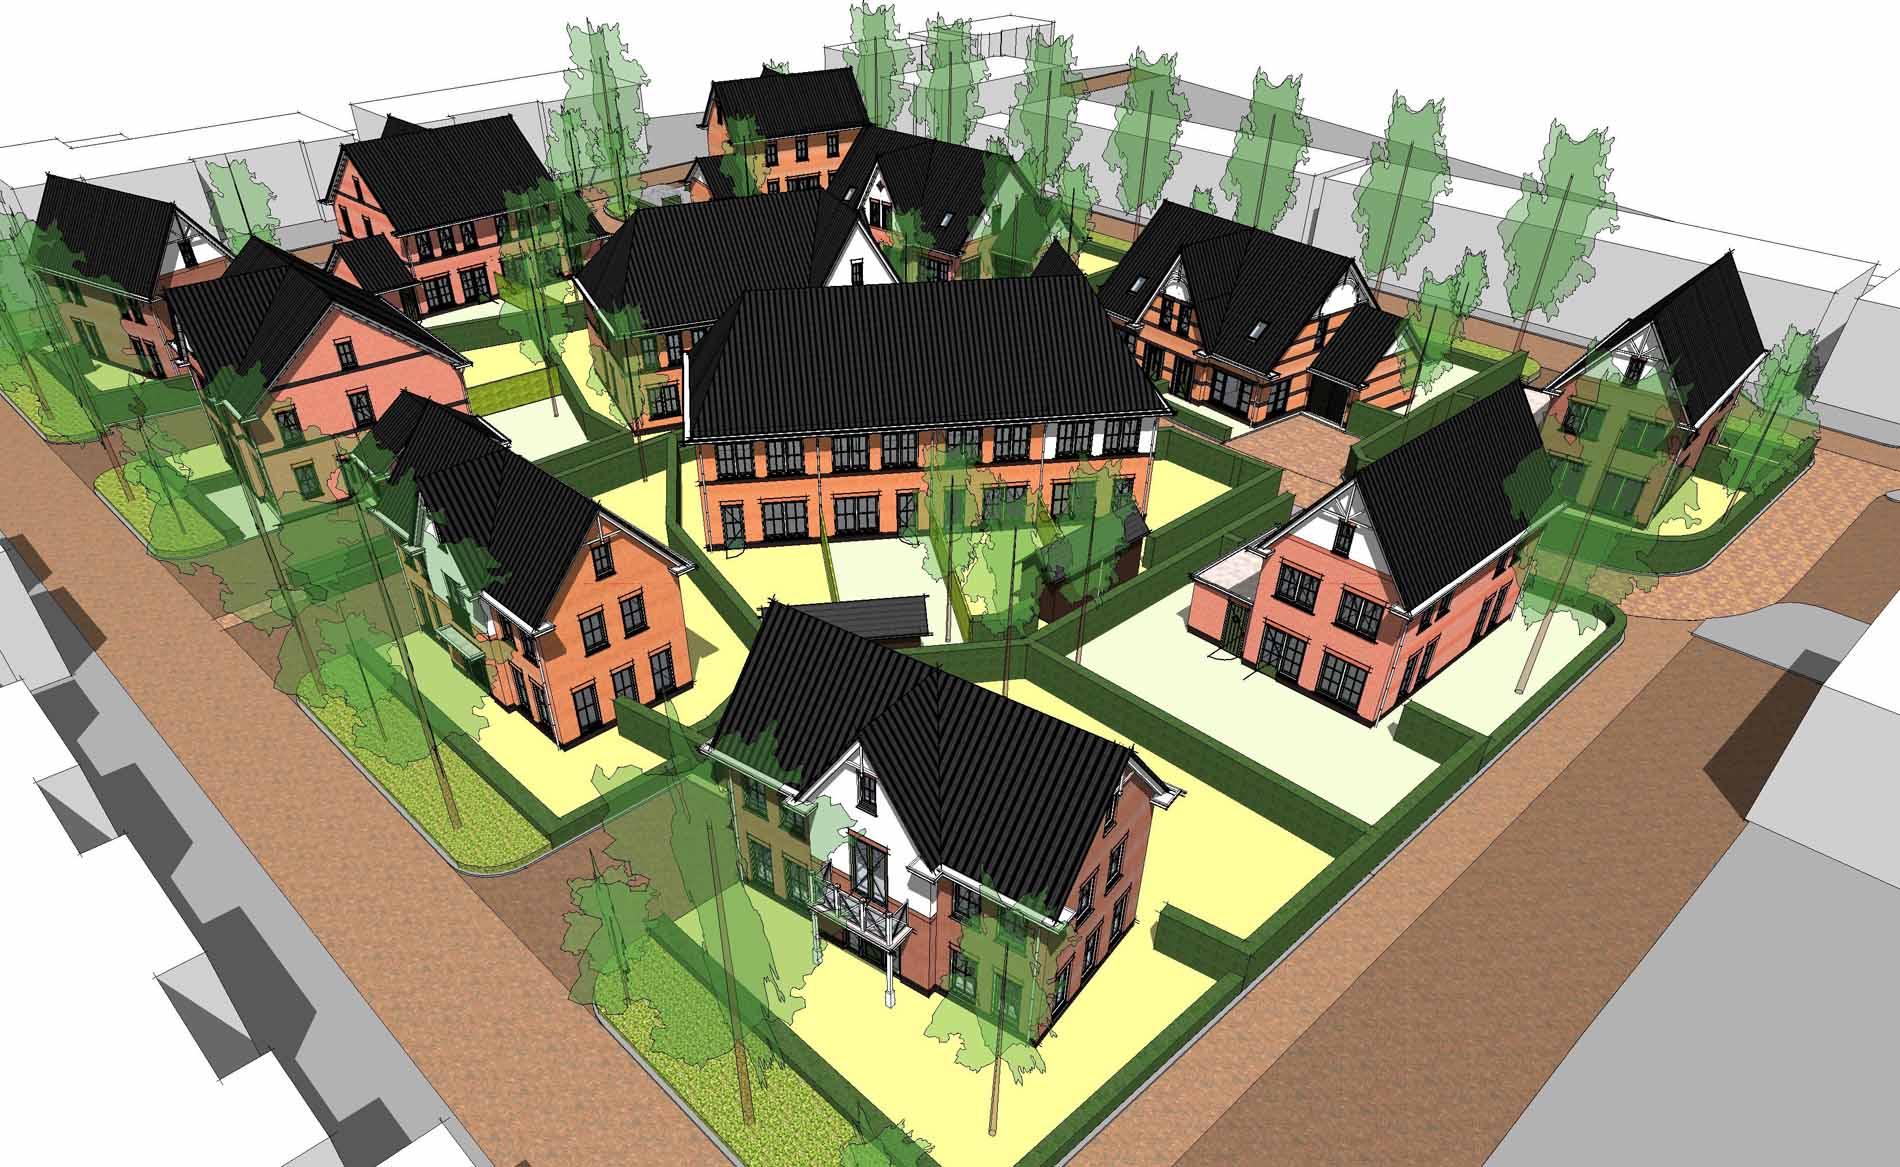 architect woningbouw herstructurering binnenstedelijk chaletstijl De Cuyp Enkhuizen BBHD architecten